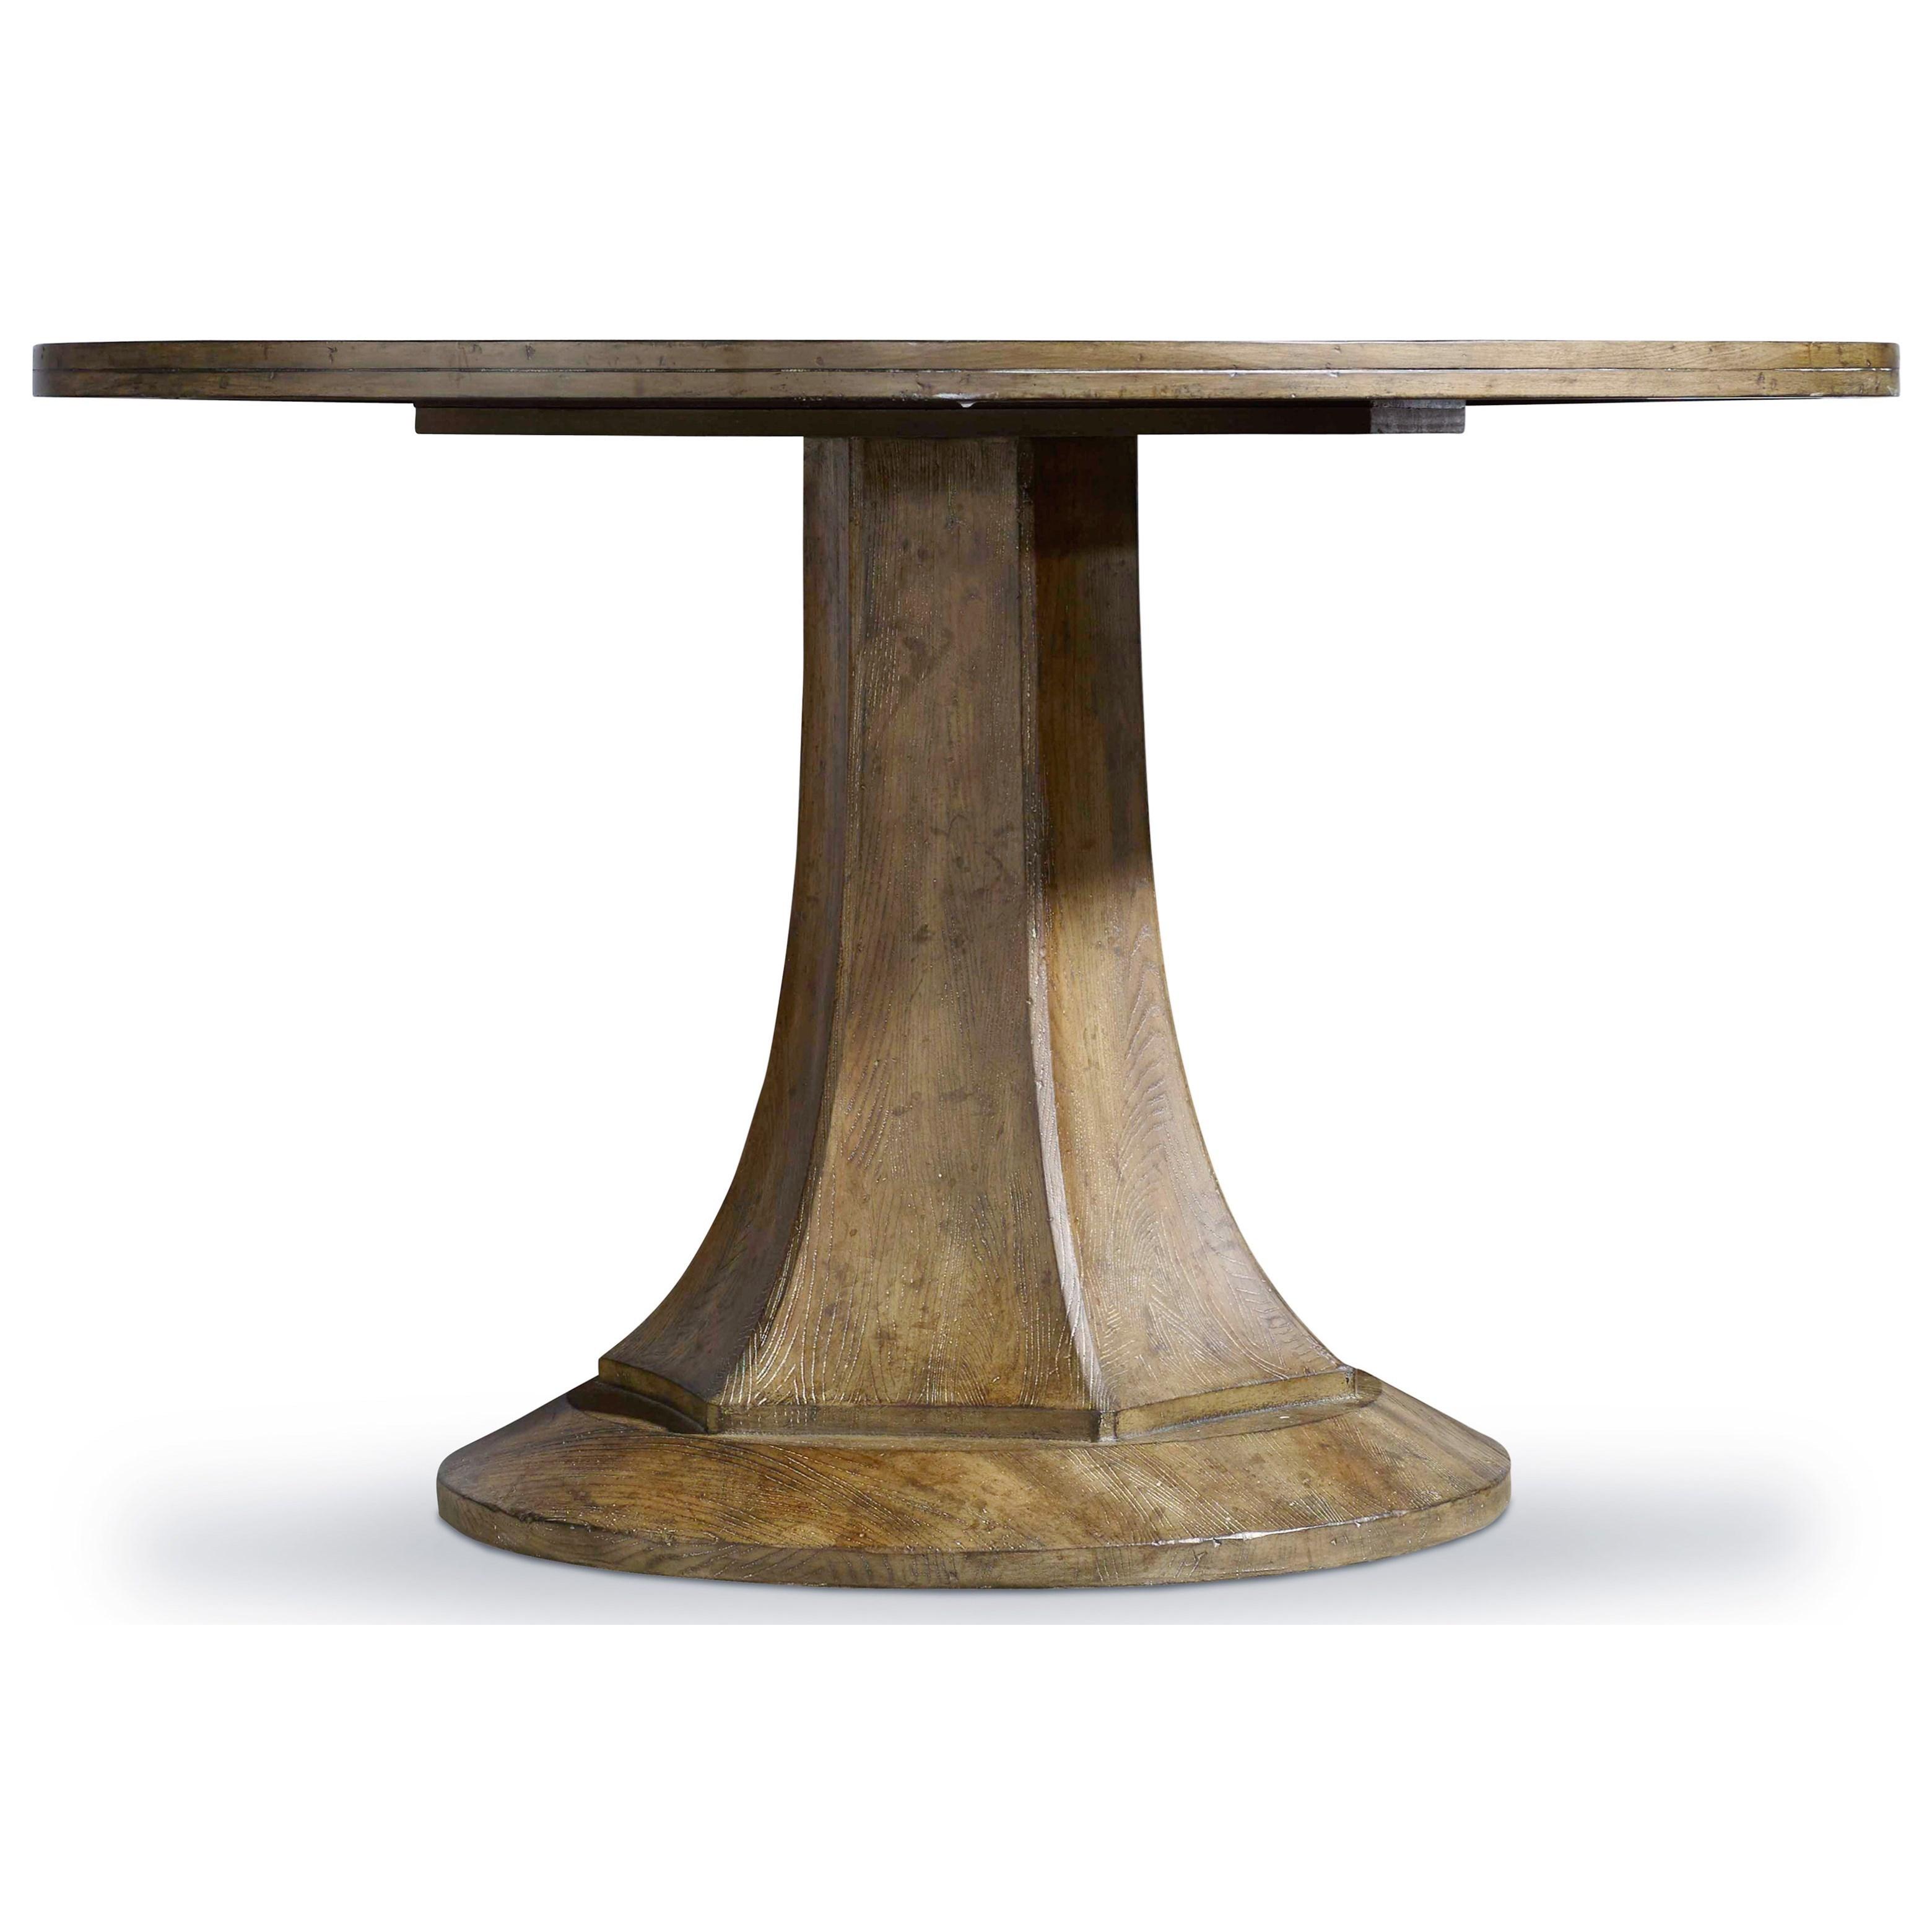 Hooker Furniture Mélange Barrett Round Dining Table - Item Number: 638-75130